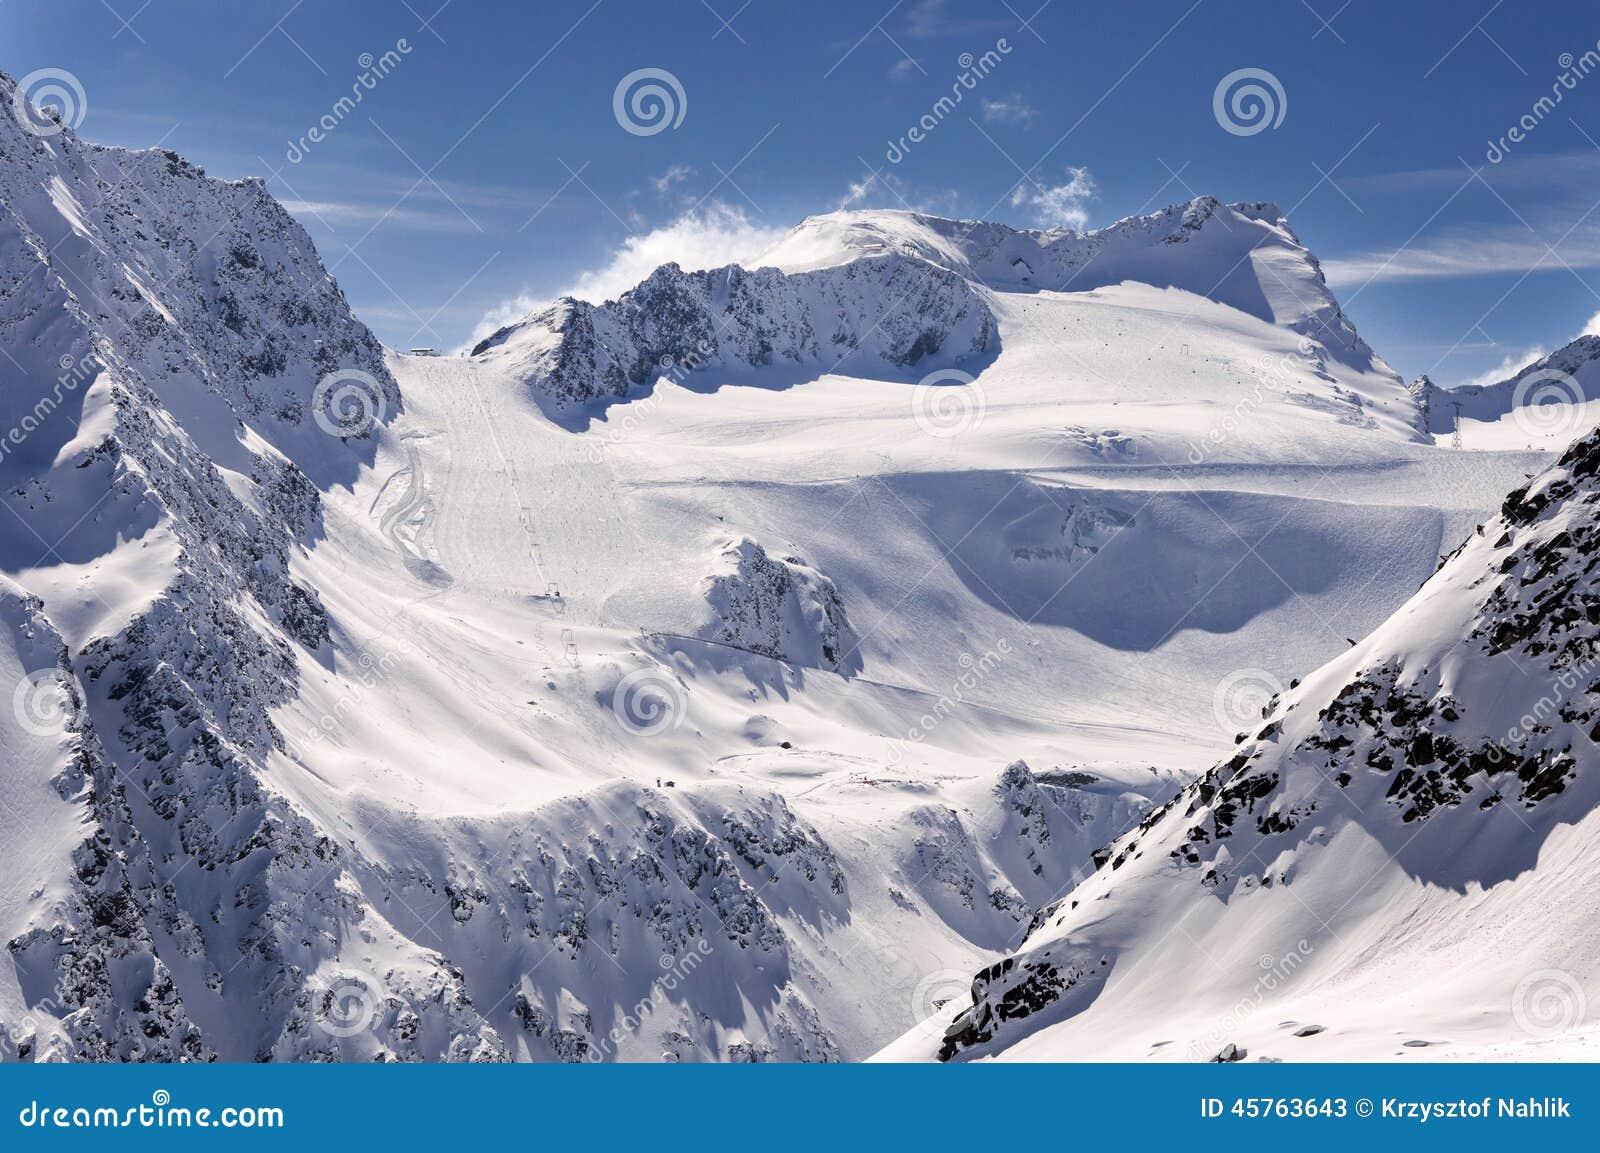 зельден ледник ретенбах ресторан этом видео